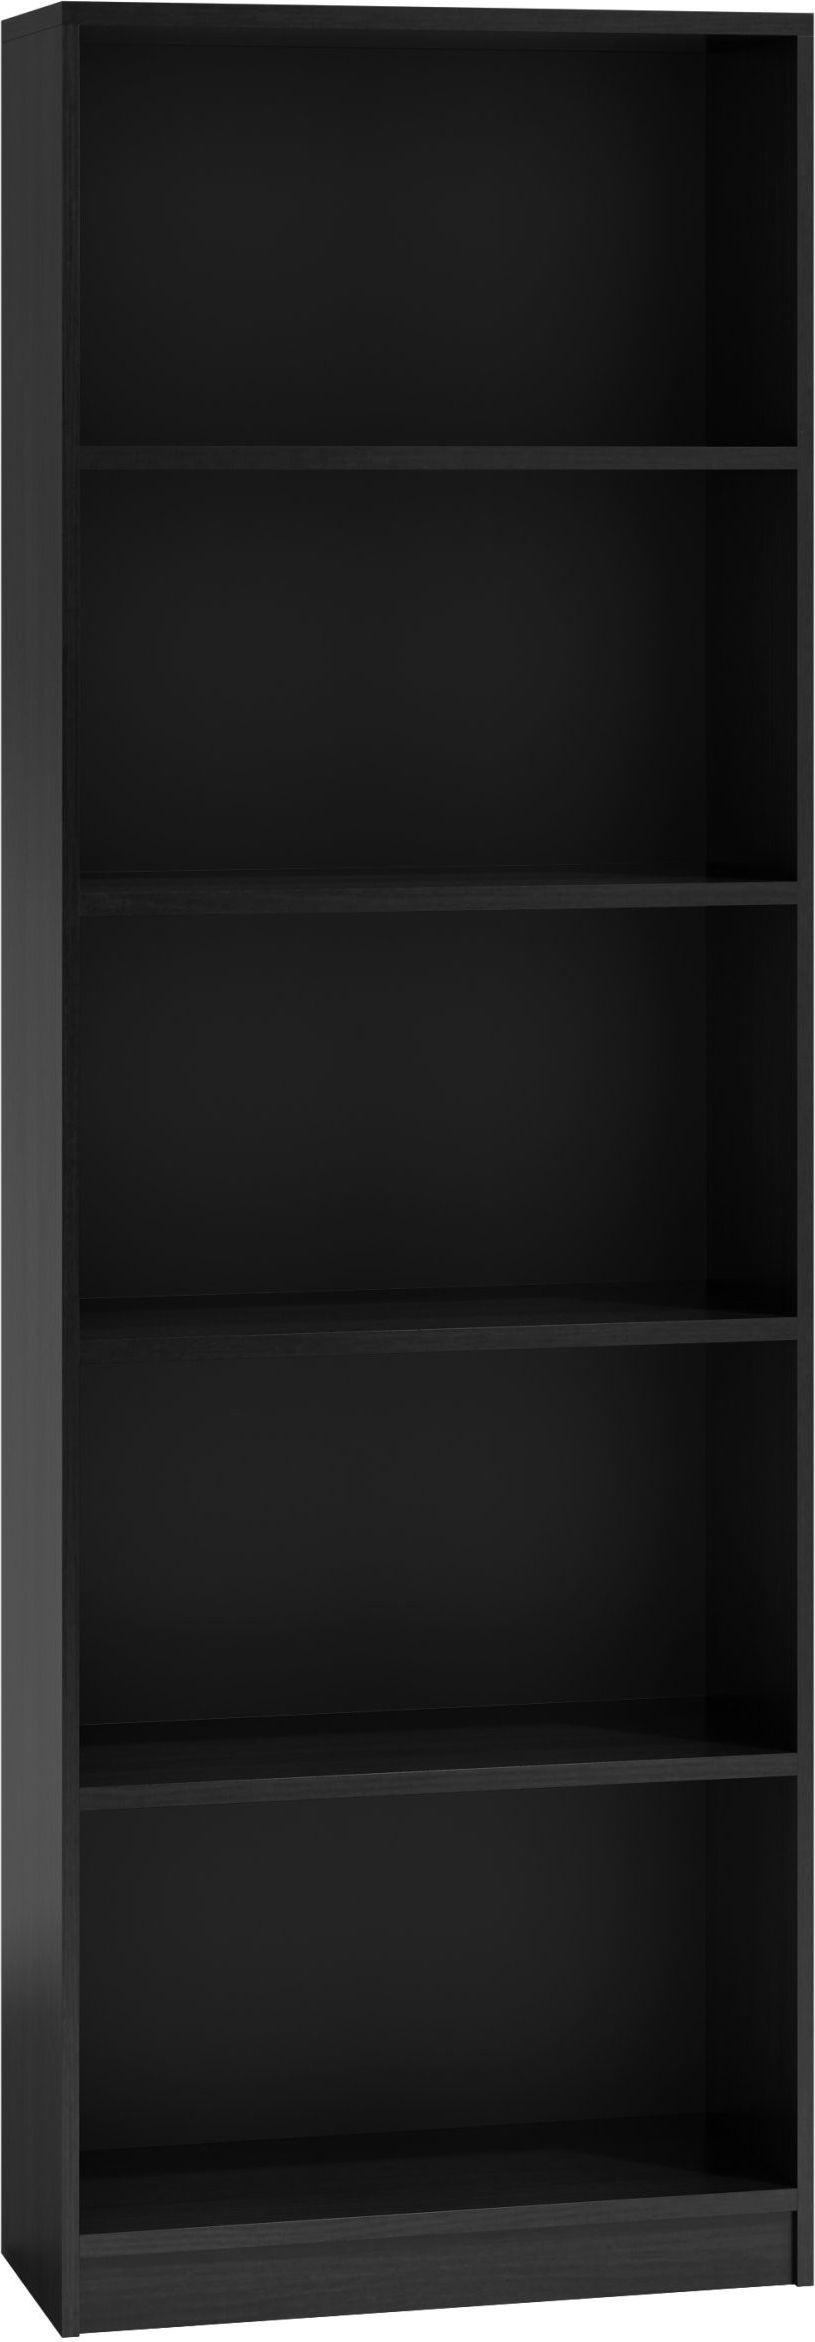 TopEshop Regał 40cm półka szafka książki segregatory czarny 1